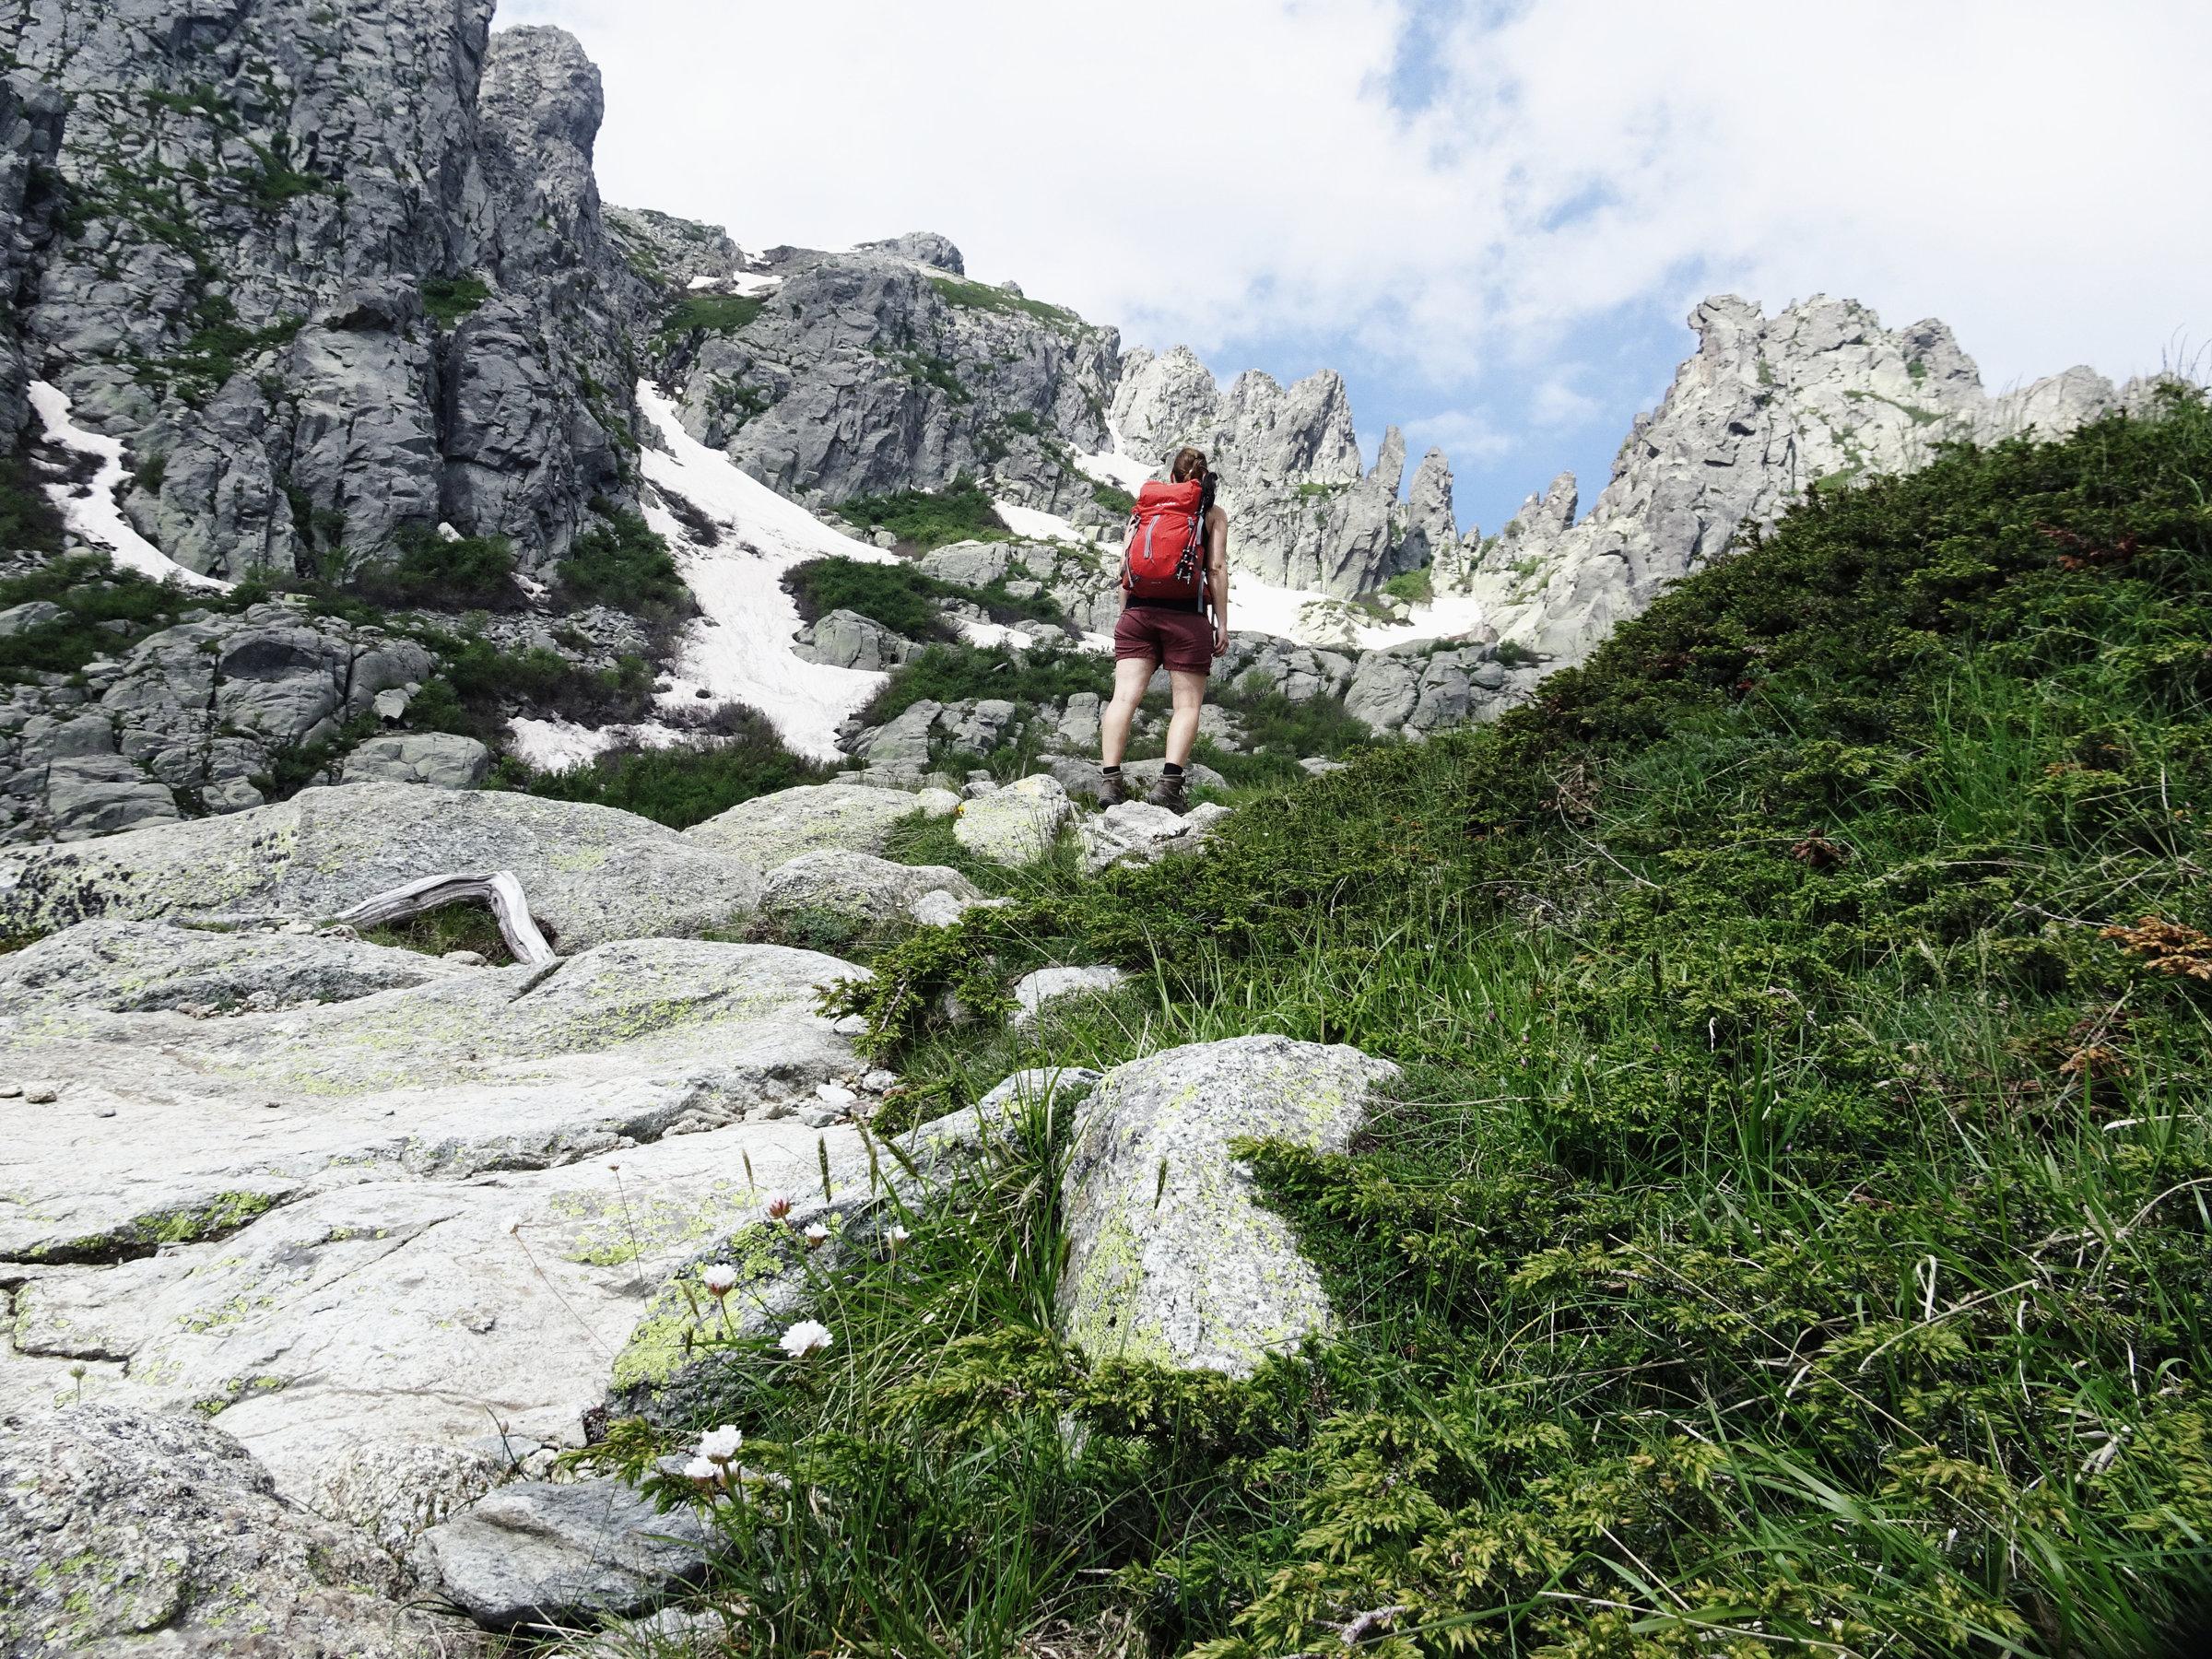 Auf dem Weg zum Gipfel des Monte d'Oro, Korsika, GR20 Weitwanderweg, Wandern, Berge, Frankreich